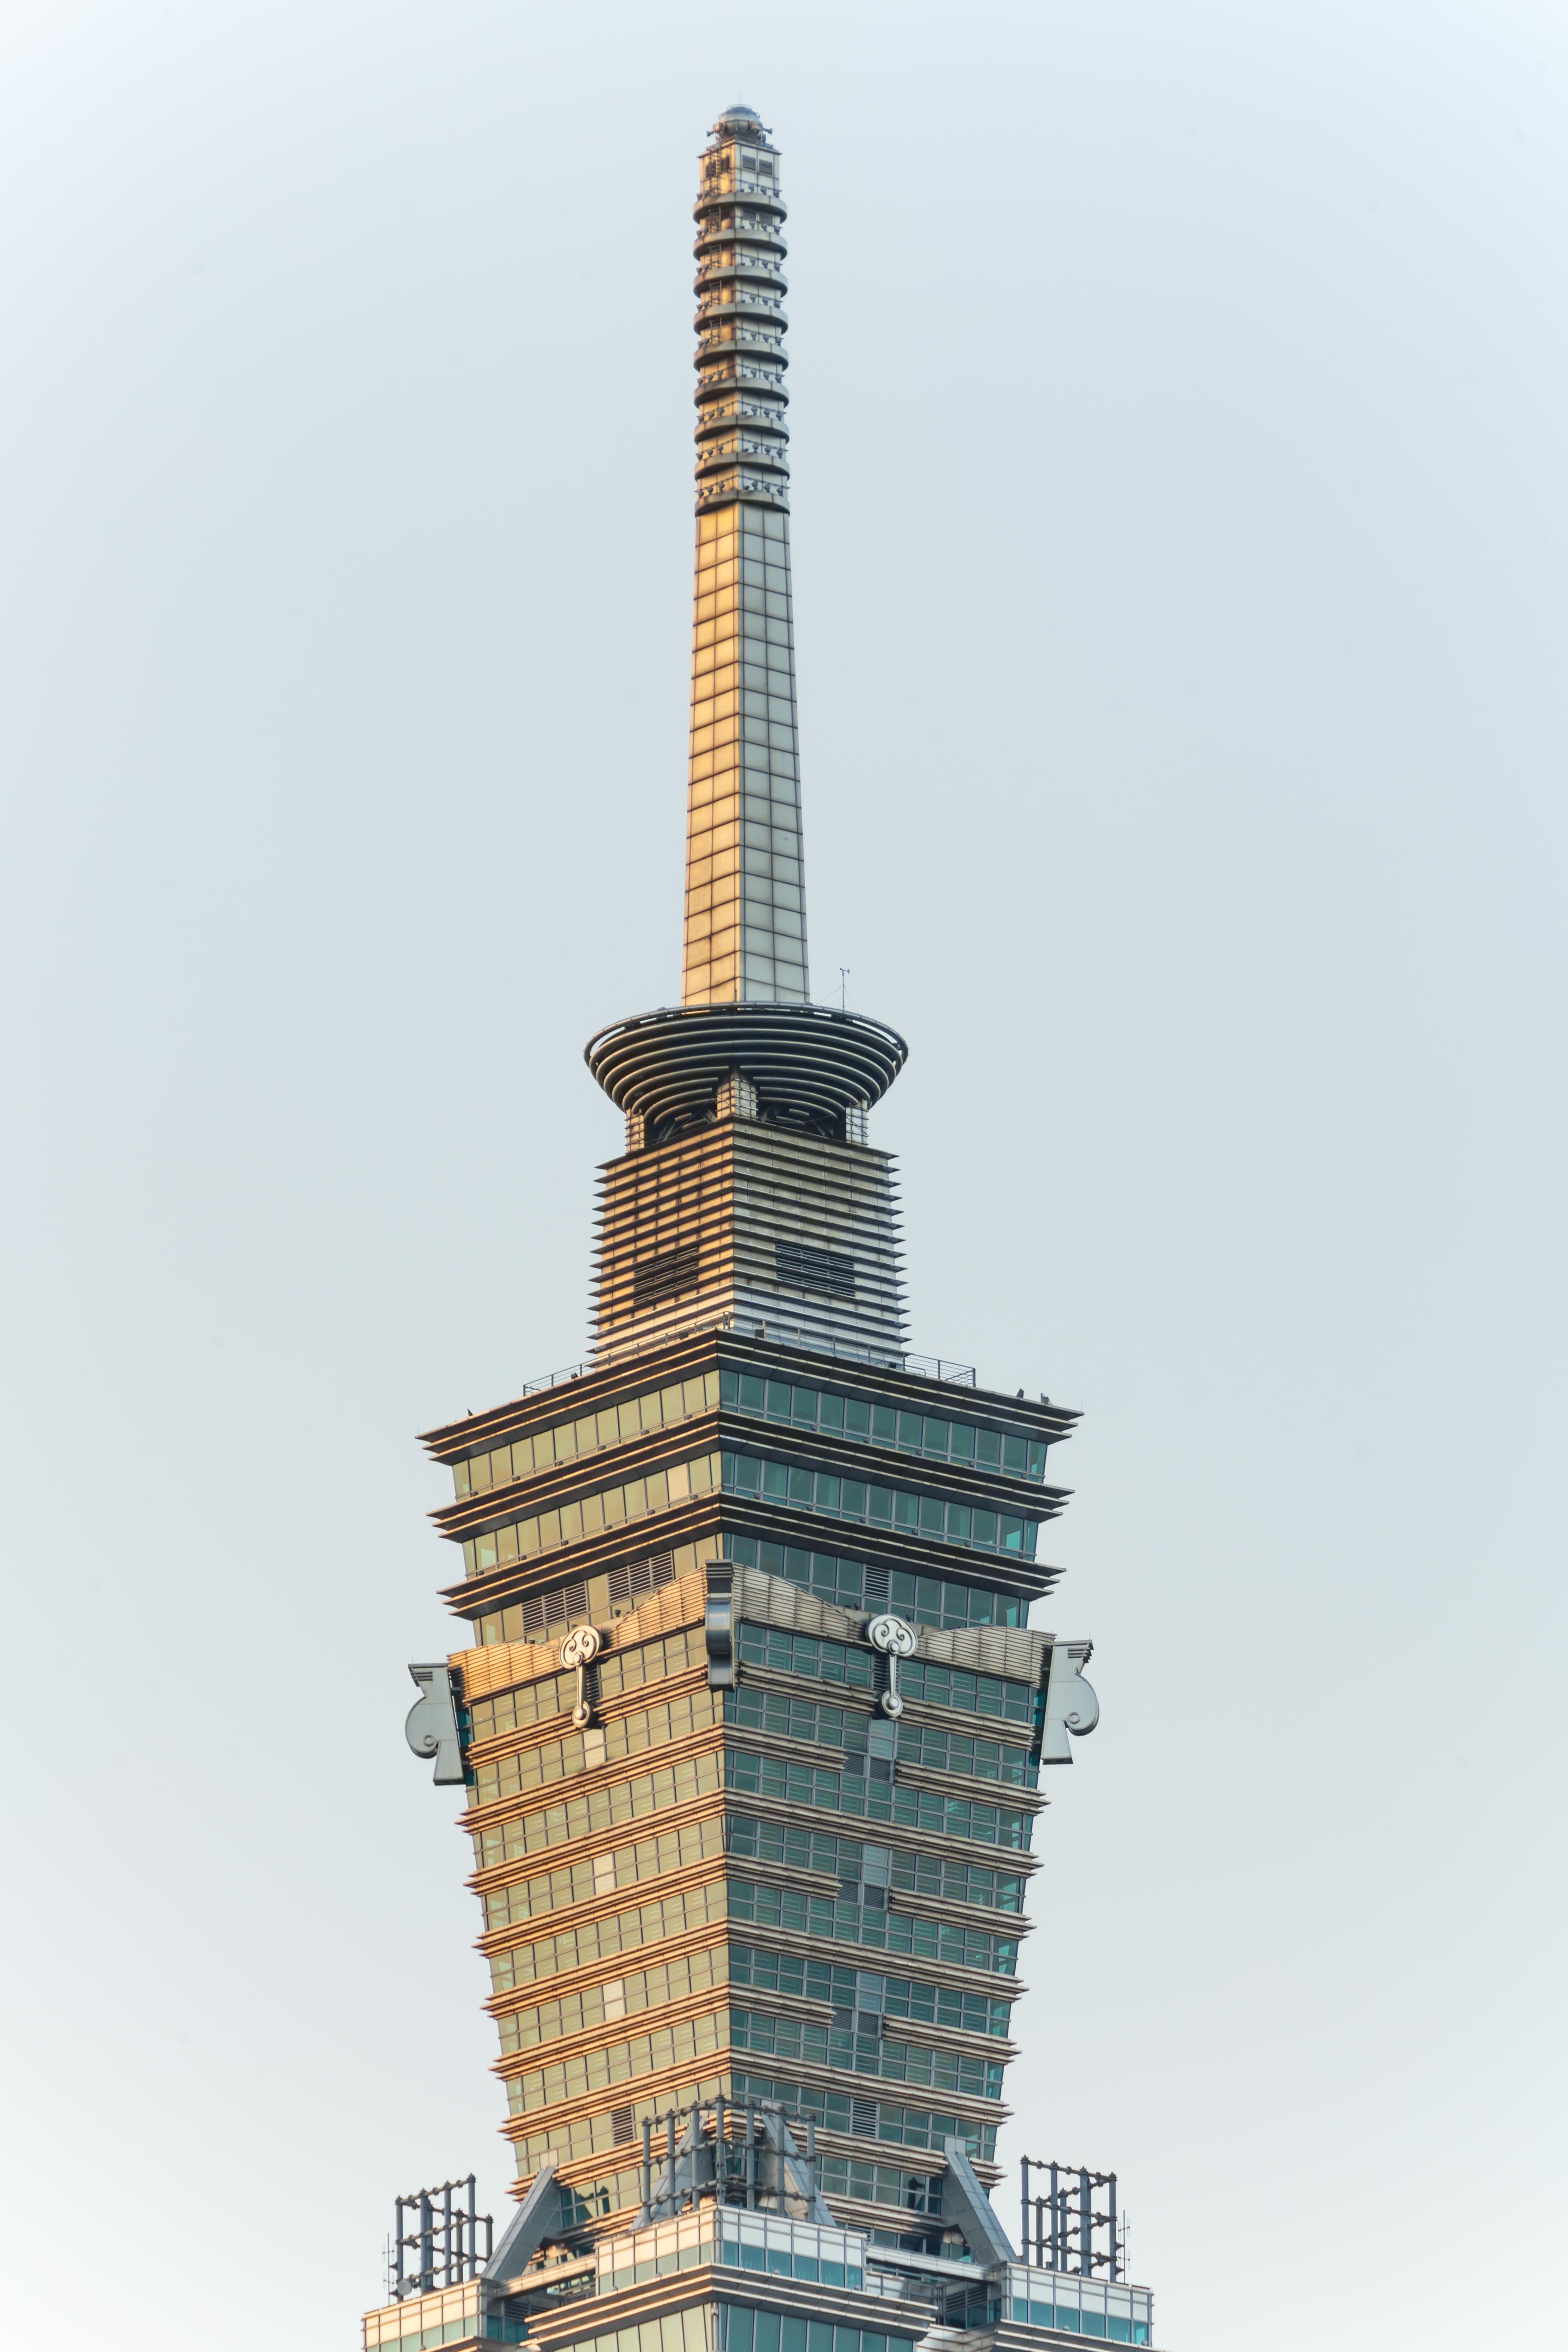 File:Taipei Taiwan Taipei-101-Tower-02.jpg